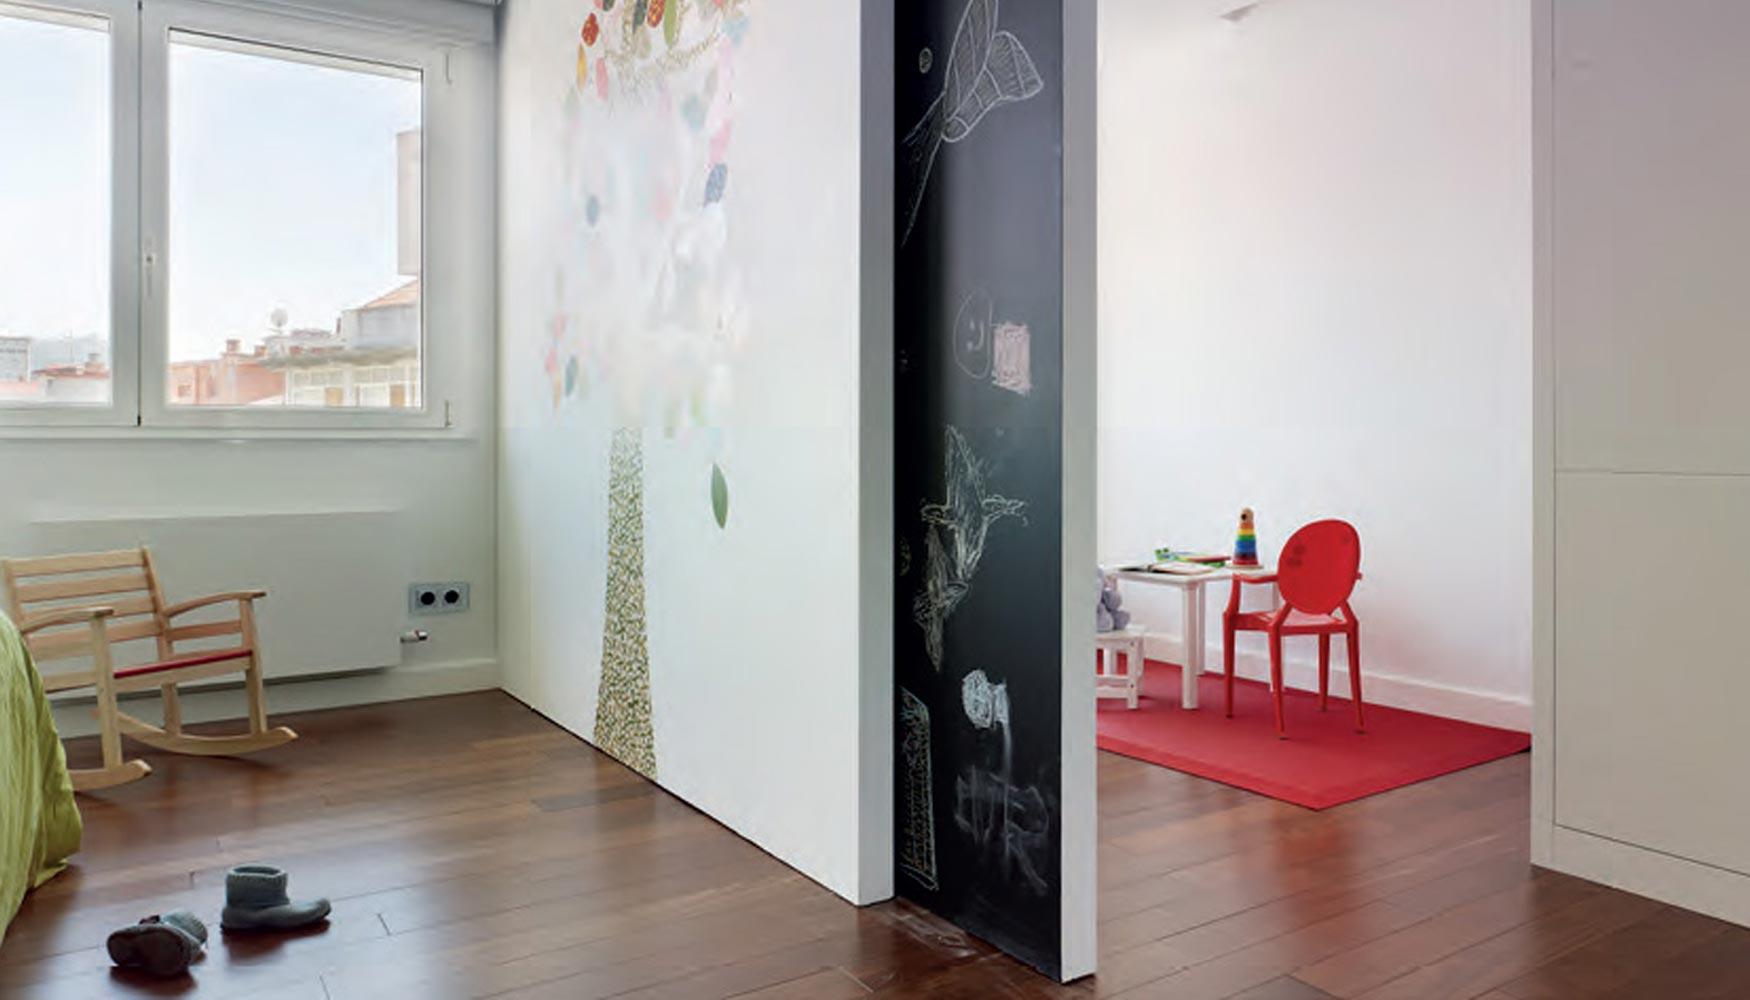 Klein transforma espacios oscuros en luminosos gracias a - Paneles para separar espacios ...